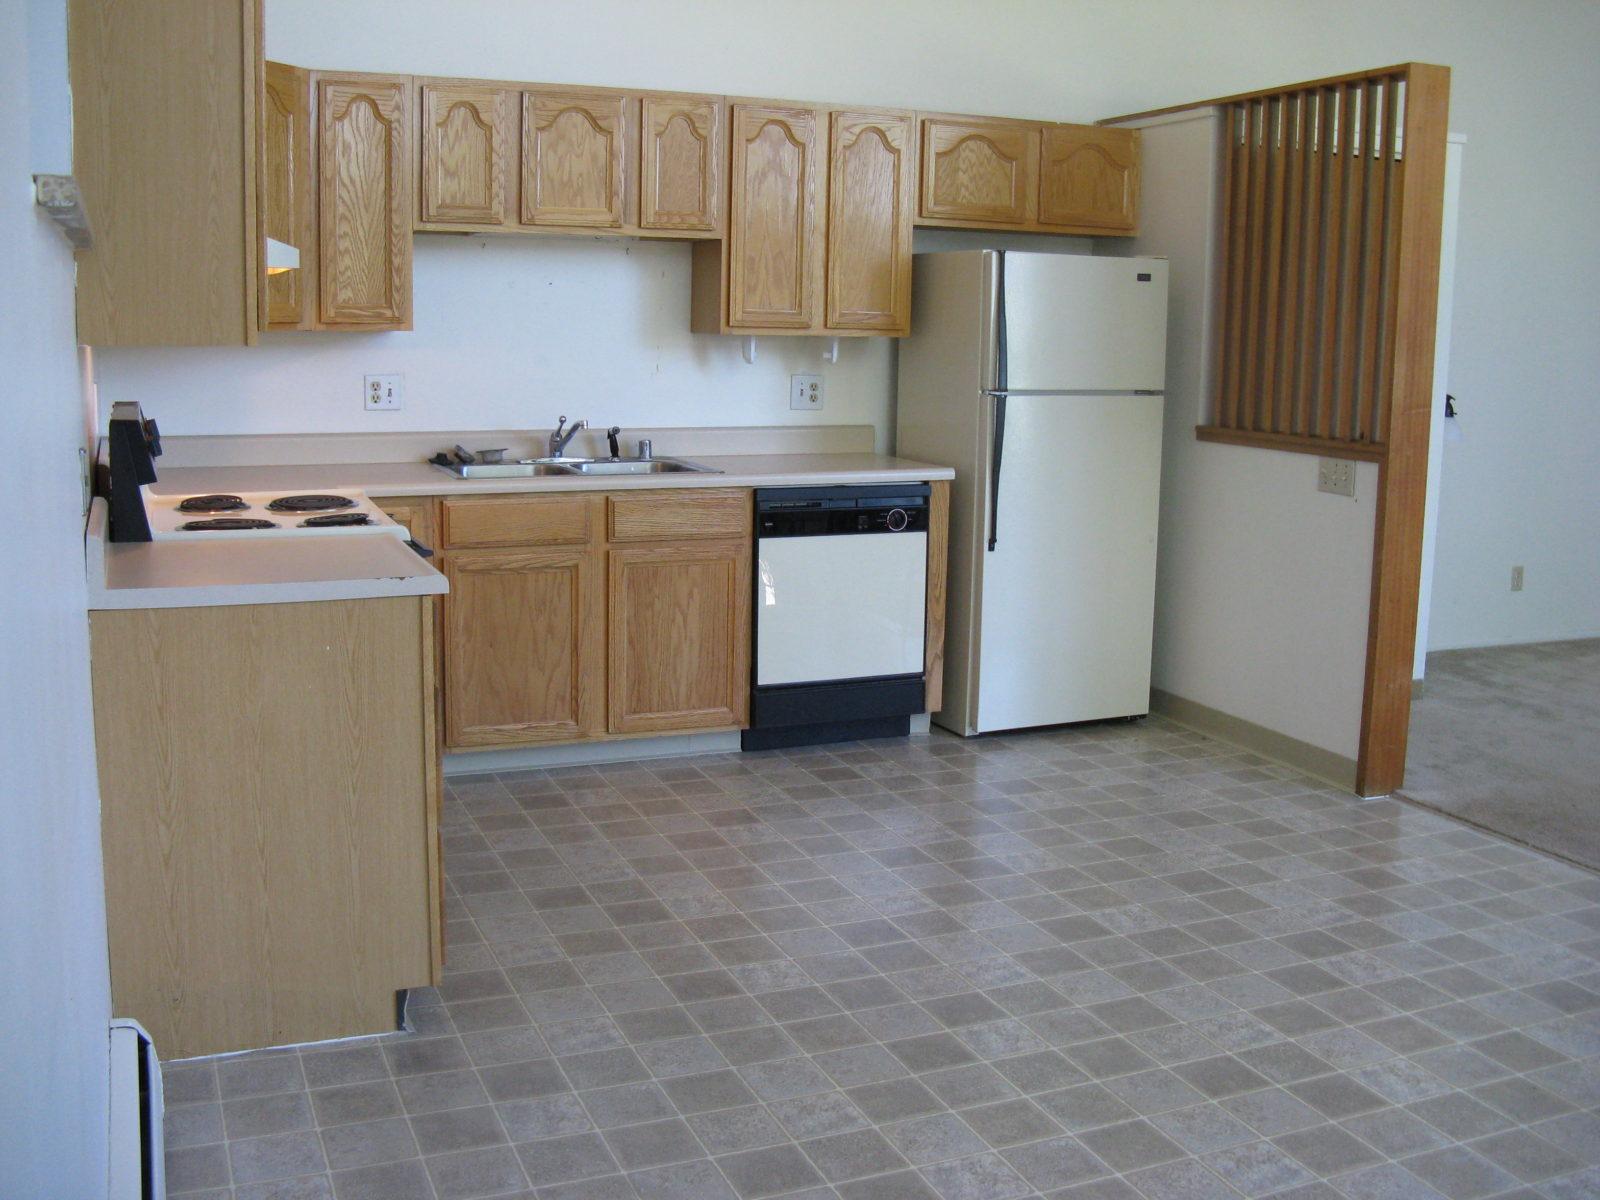 694 Kitchen Includes Dishwasher